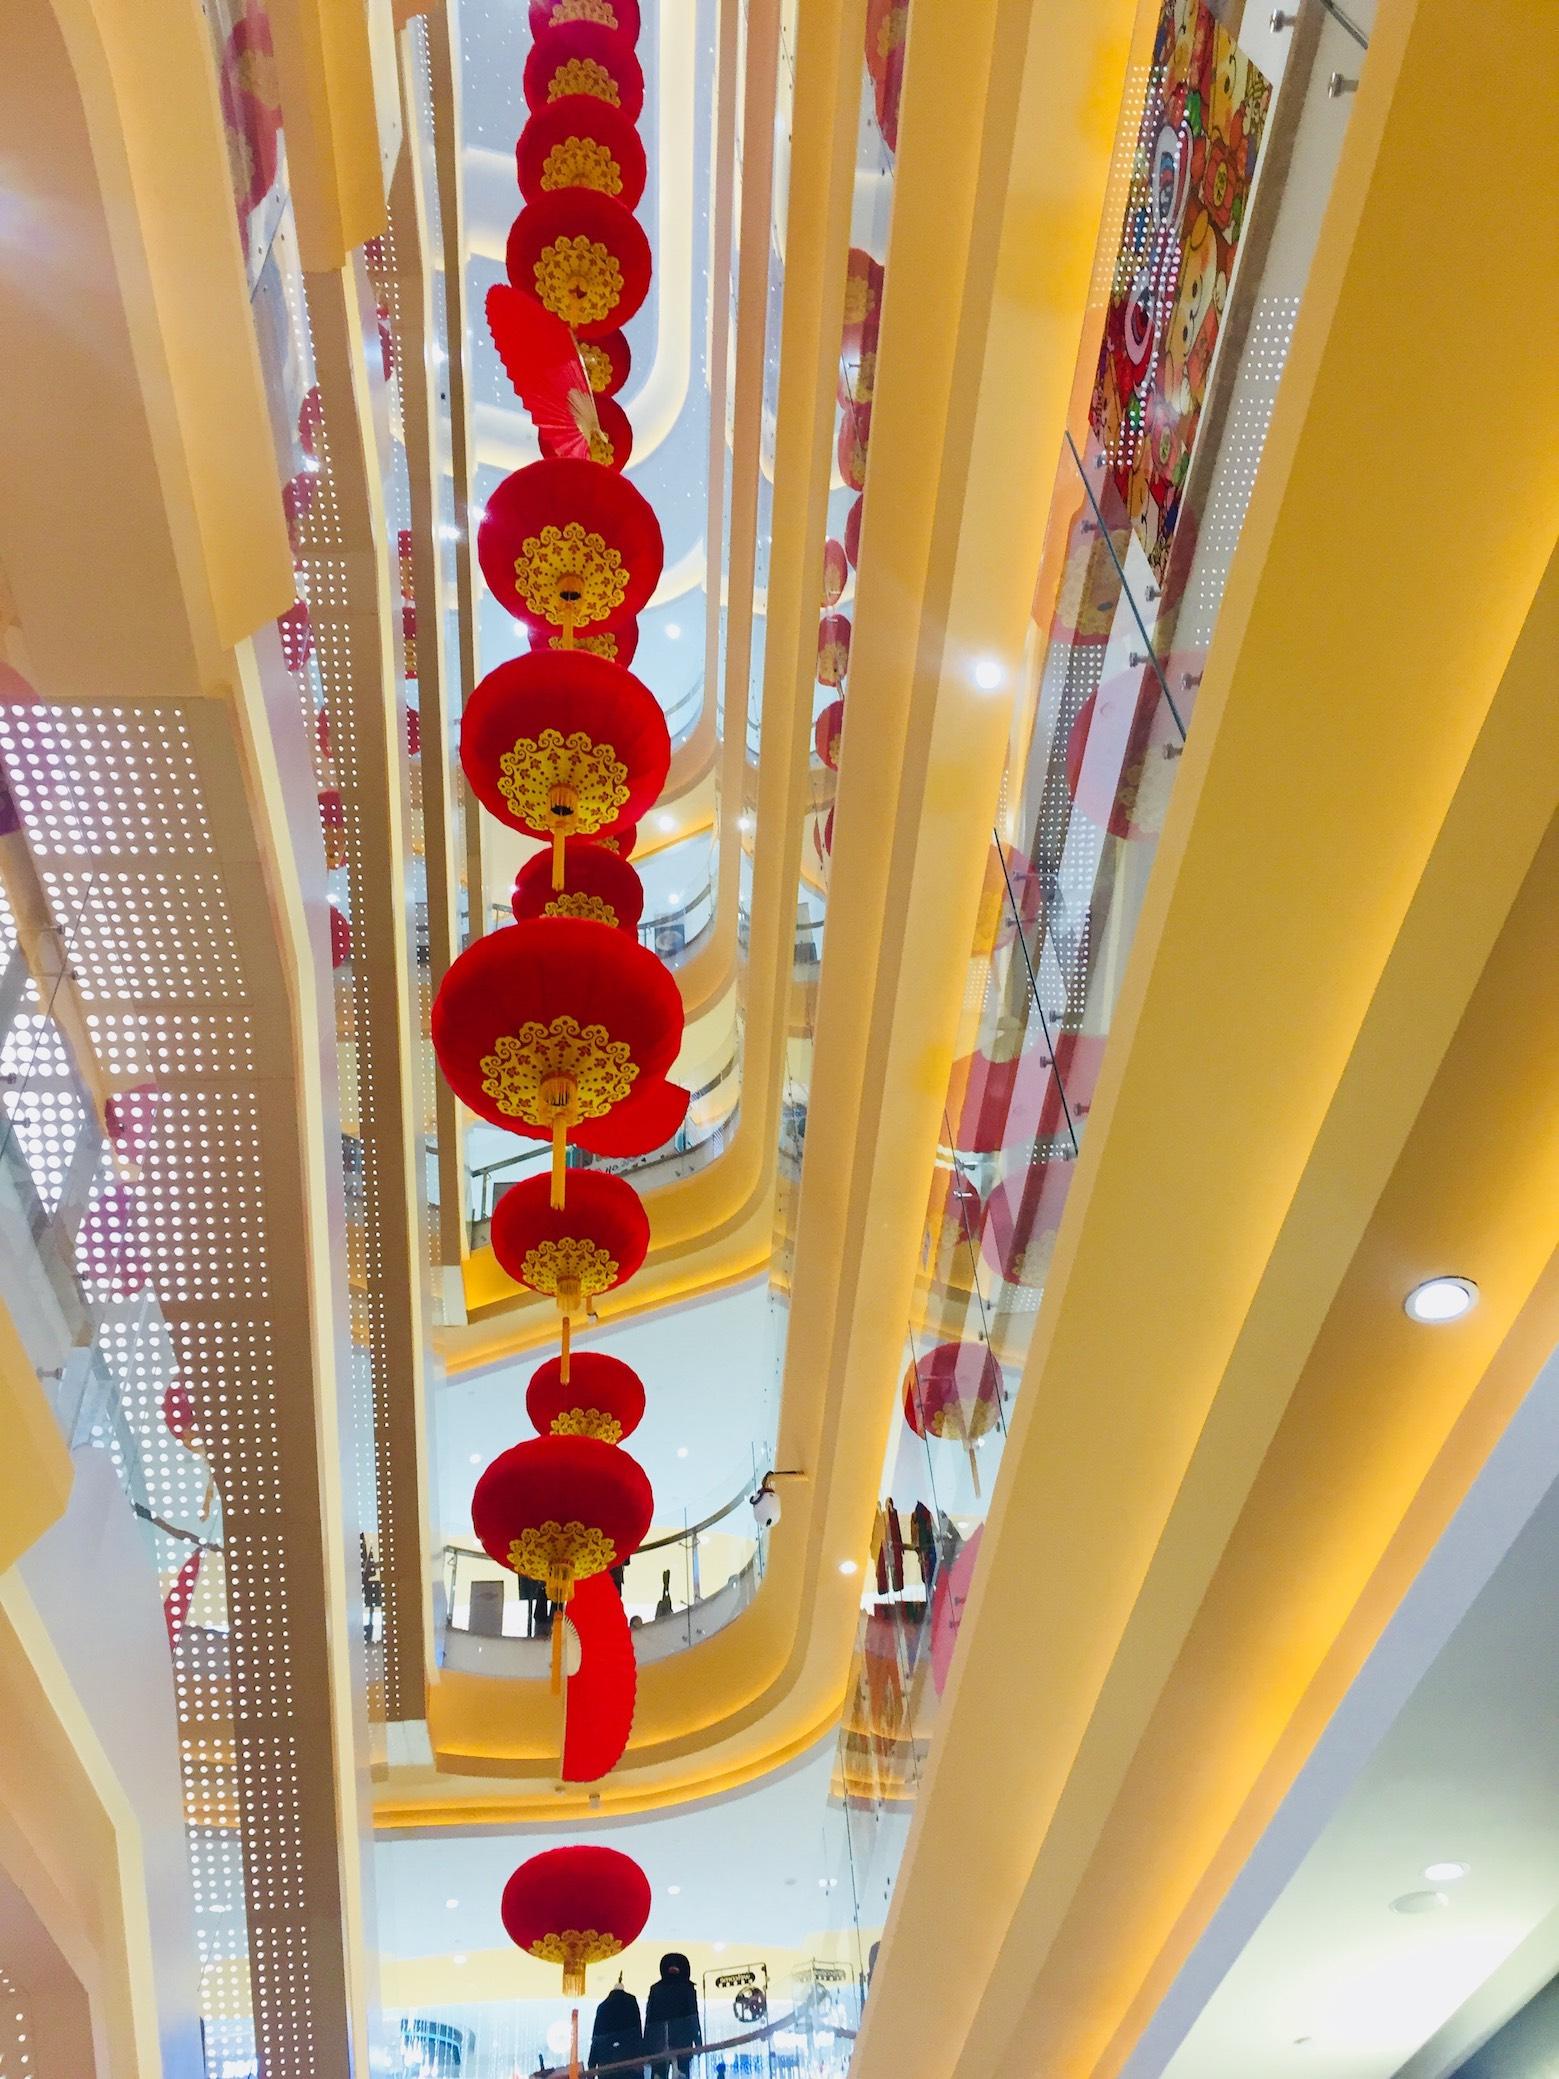 Chinese New Year lanterns Taihe Mall Quanzhou Fujian Province China